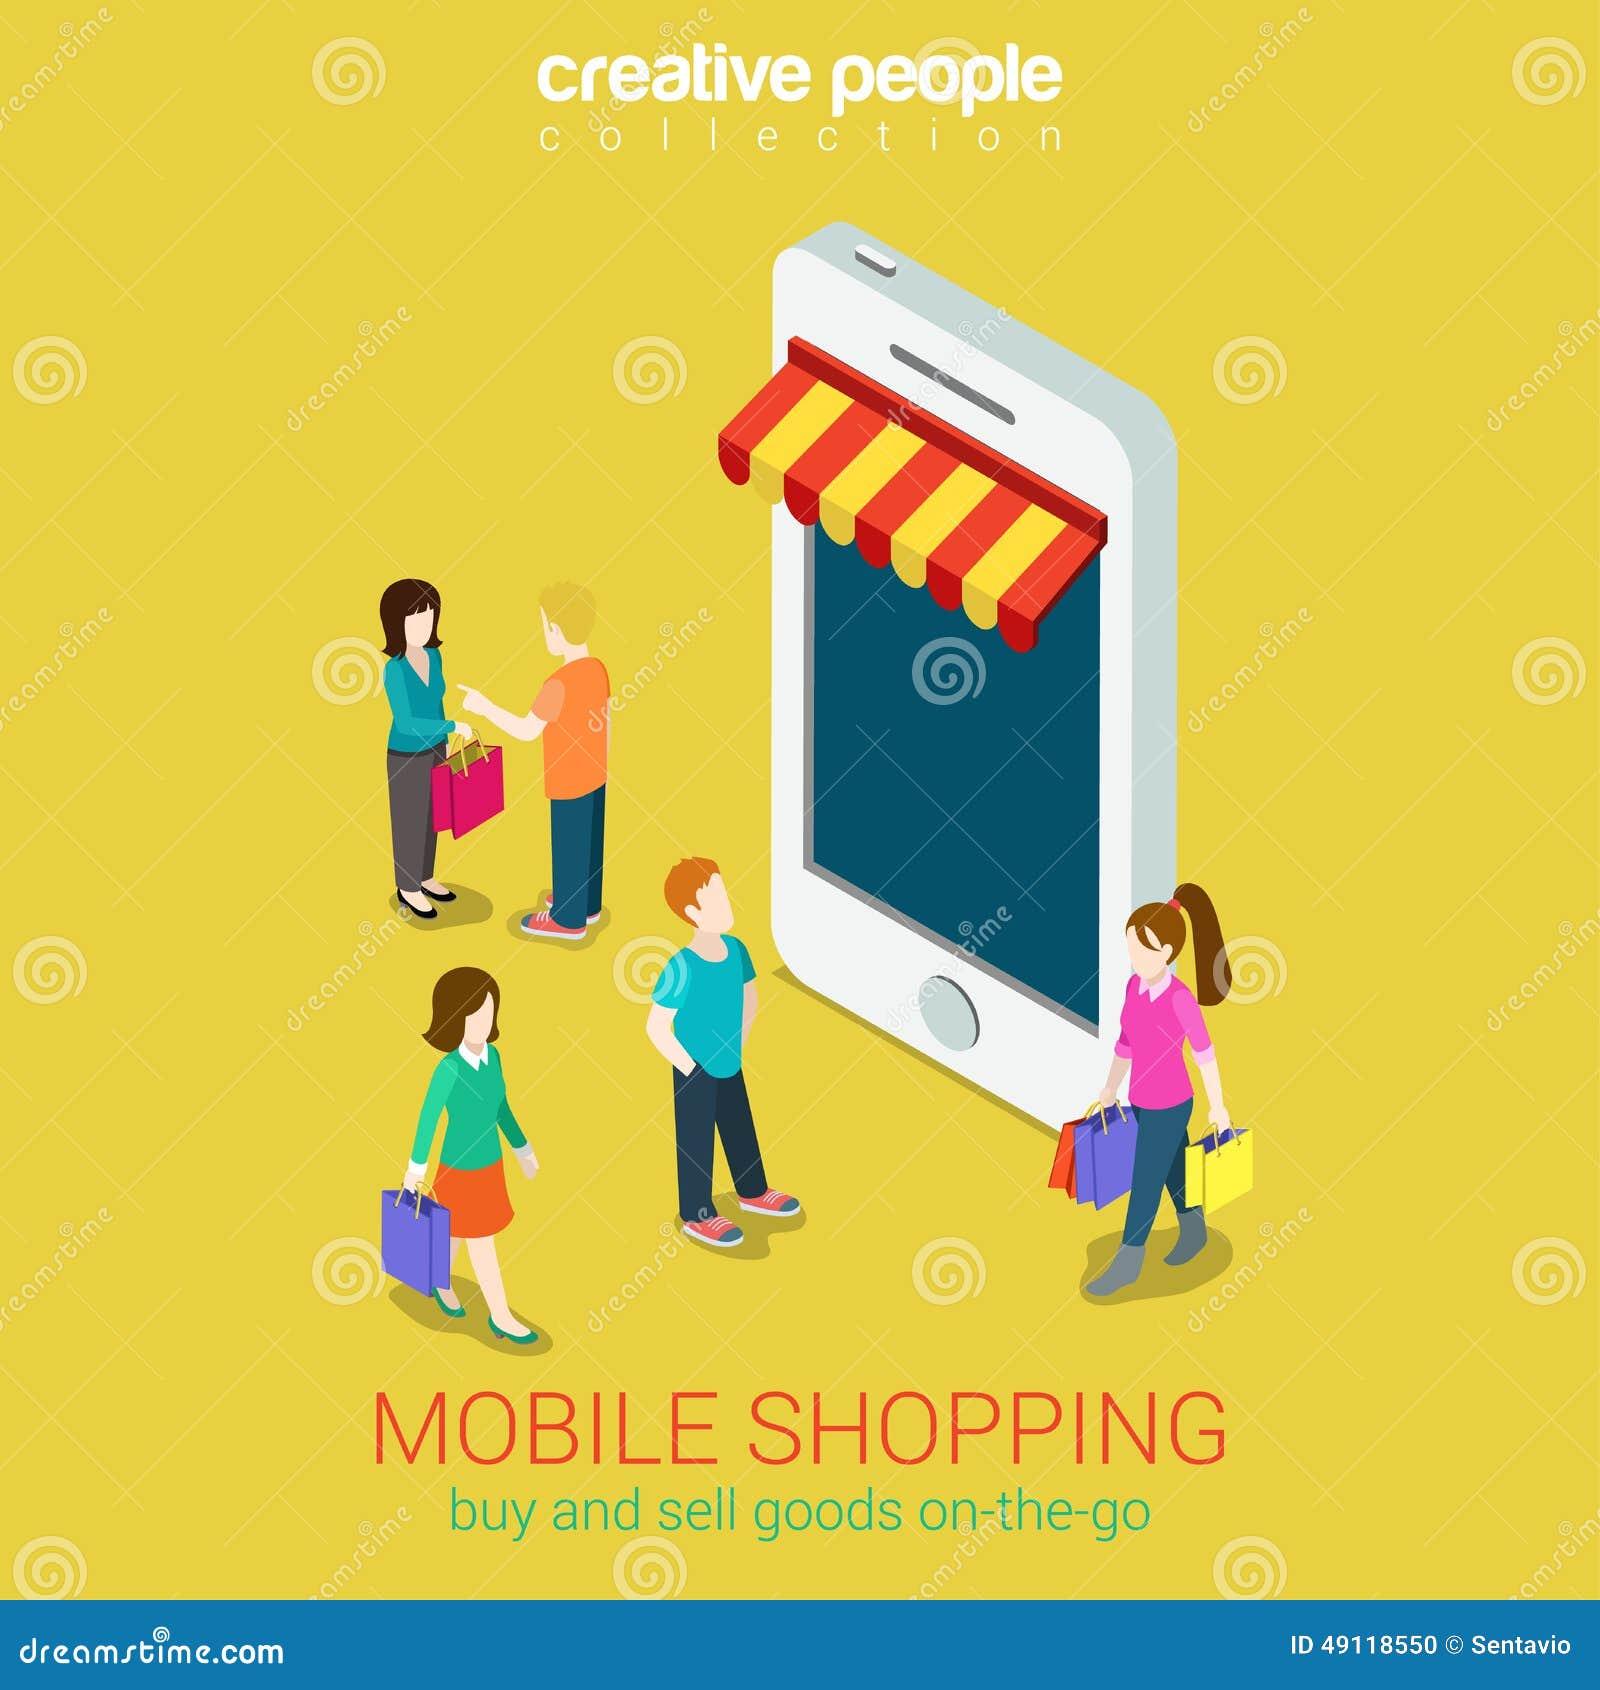 Mobile shopping online store e commerce 3d web isometric for Shopping online mobili